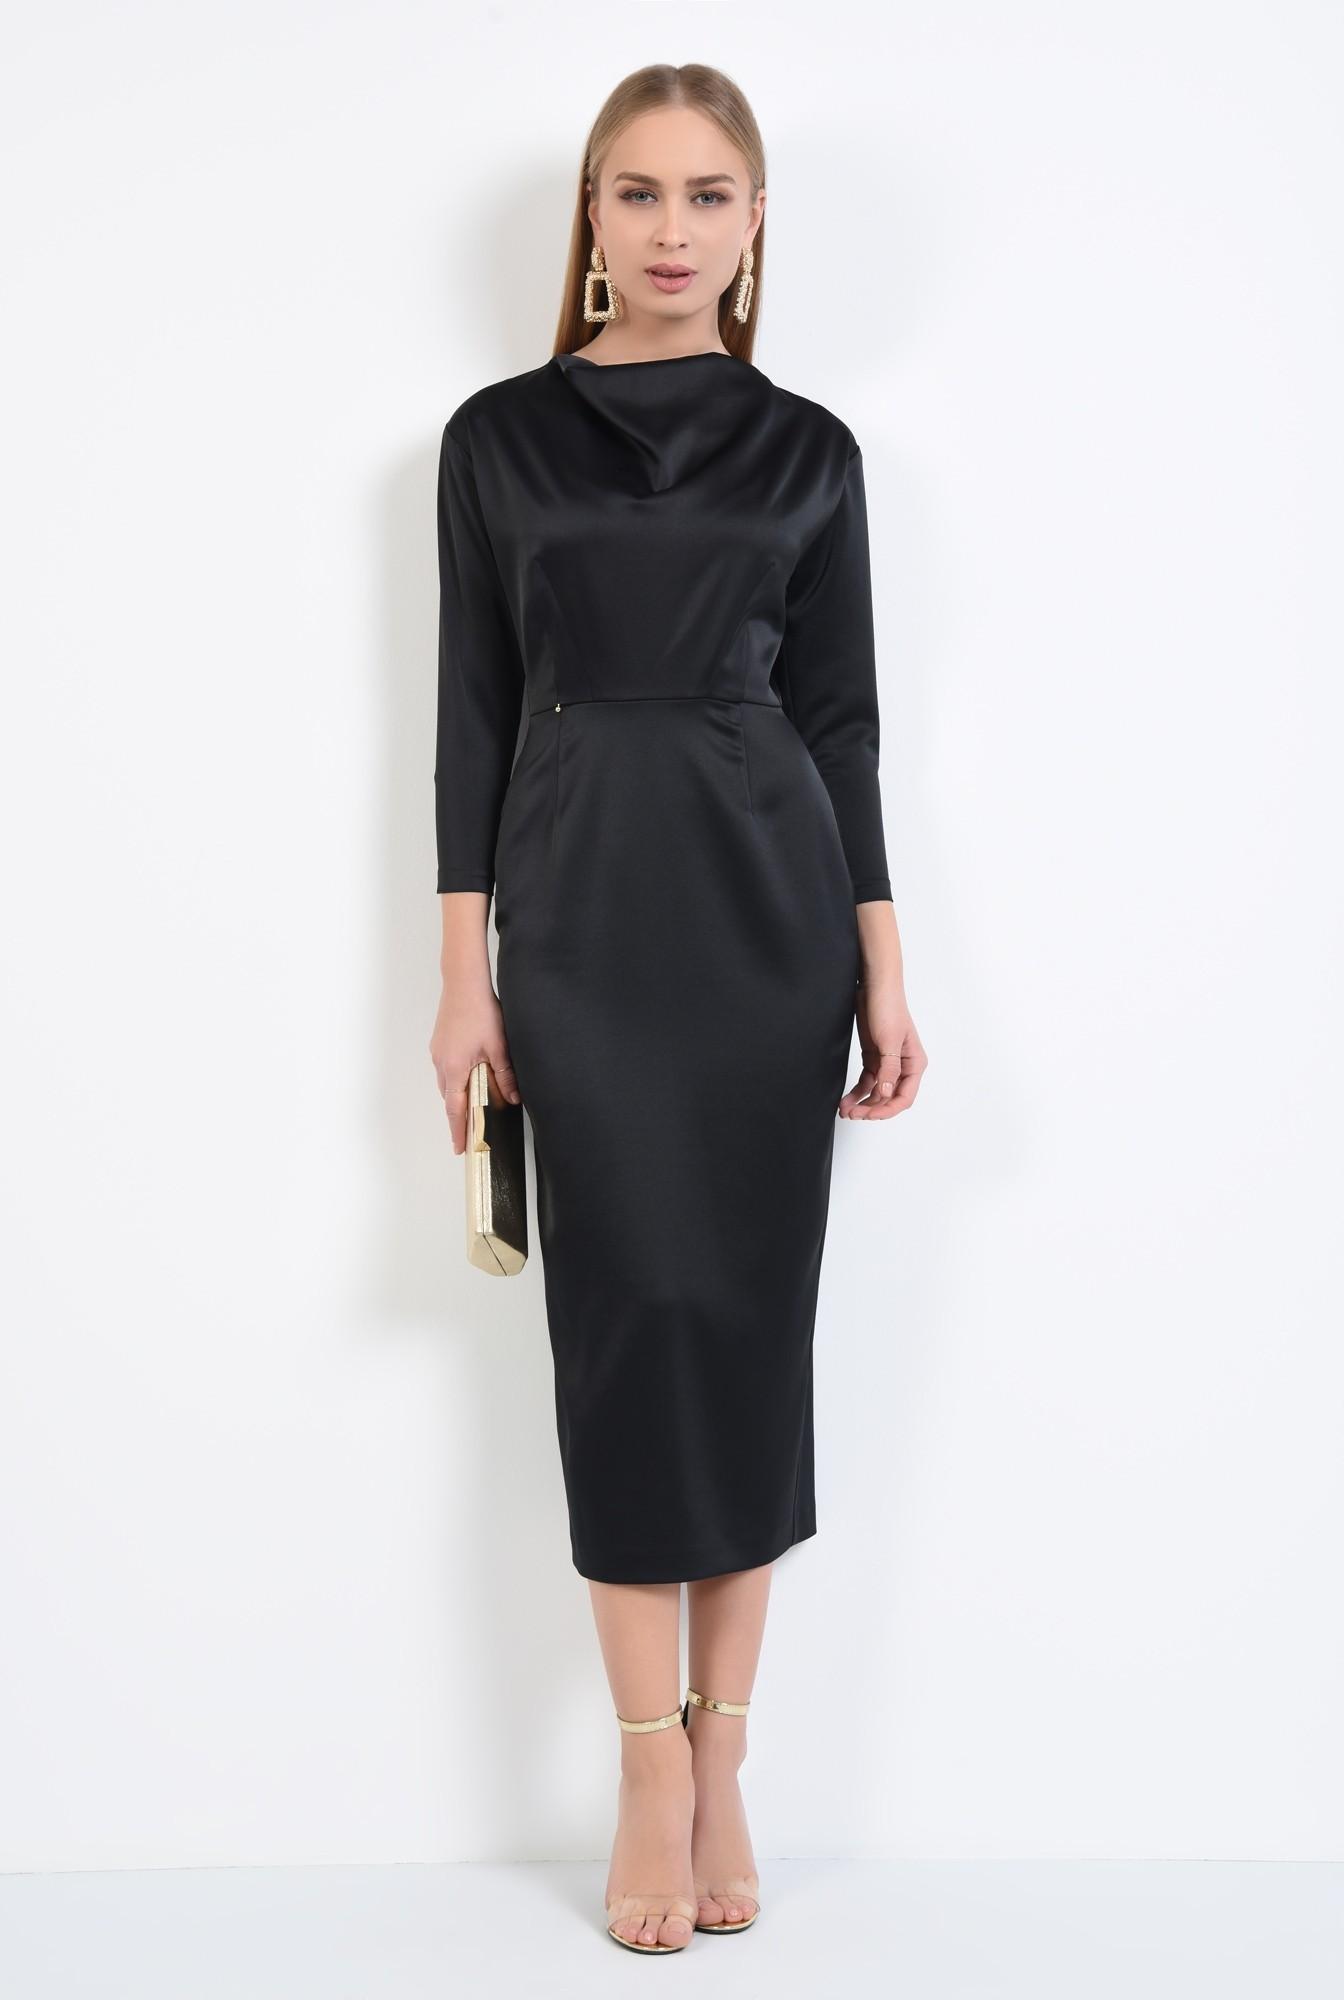 3 - rochie de ocazie, neagra, lunga, cambrata, drapata la decolteu